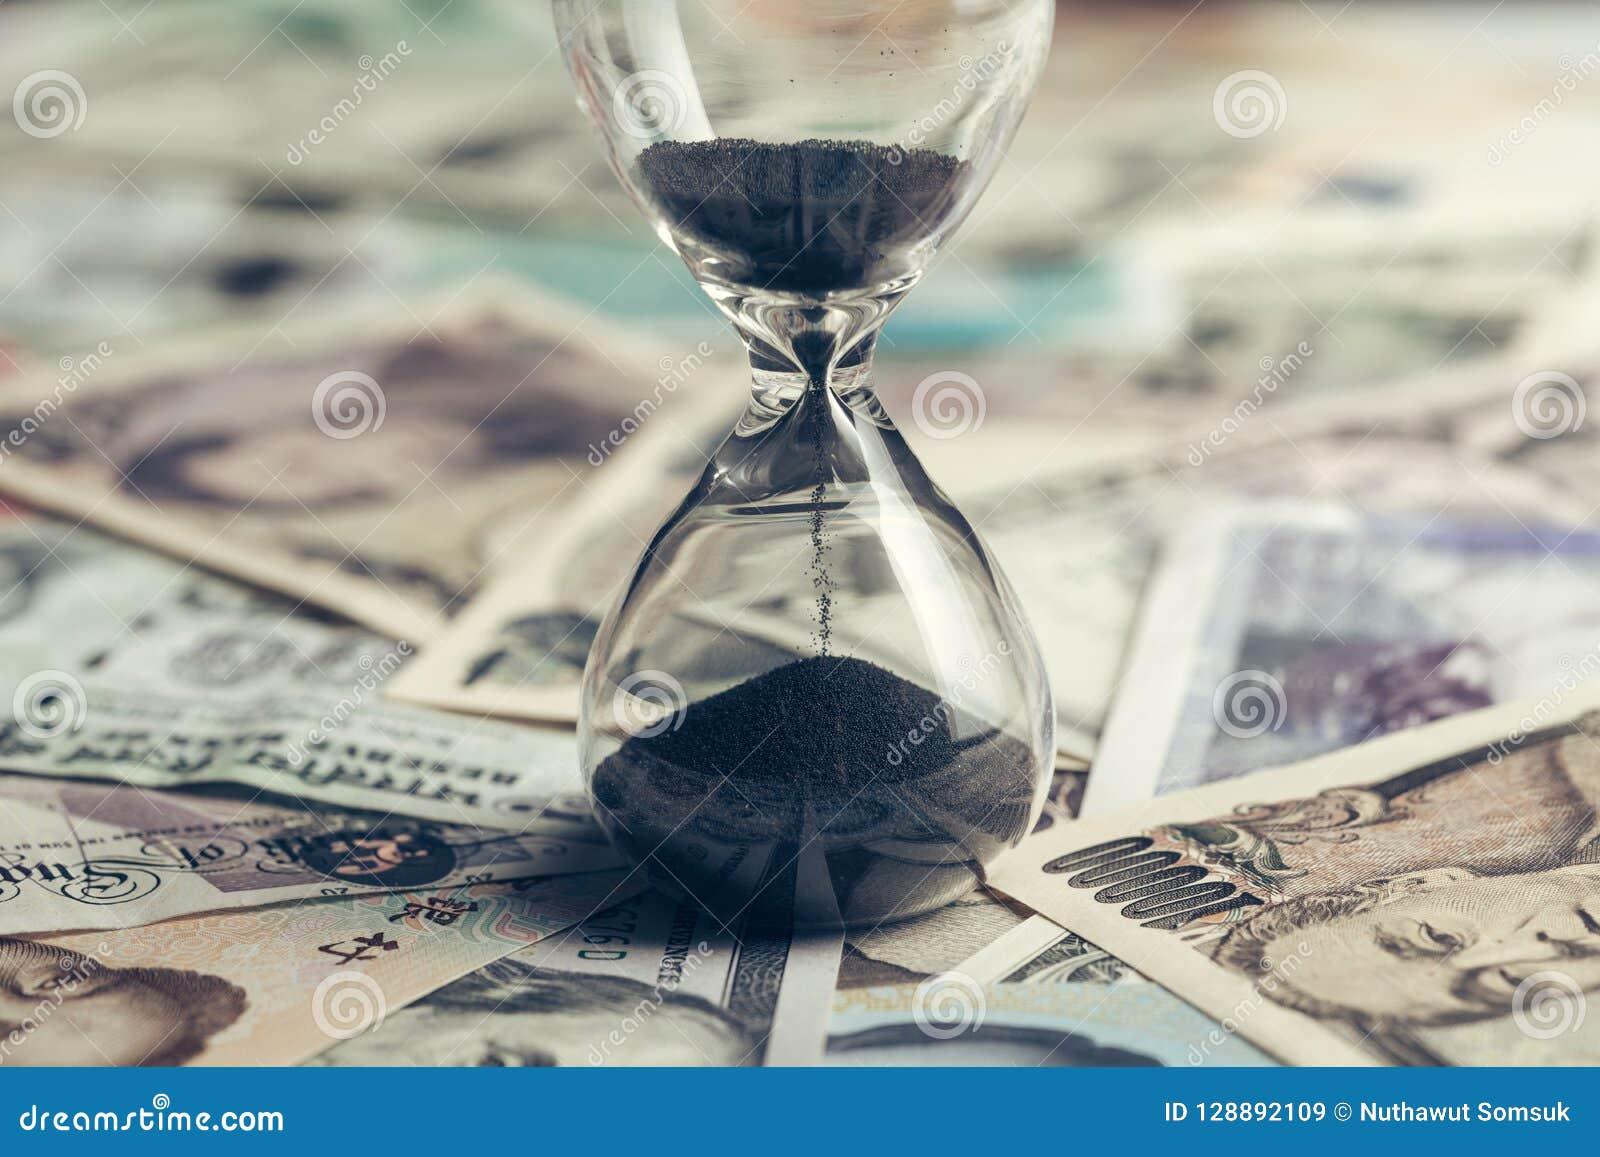 Synchronizuje bieg, inwestyci długoterminowej pojęcie z lub, dolar amerykański,